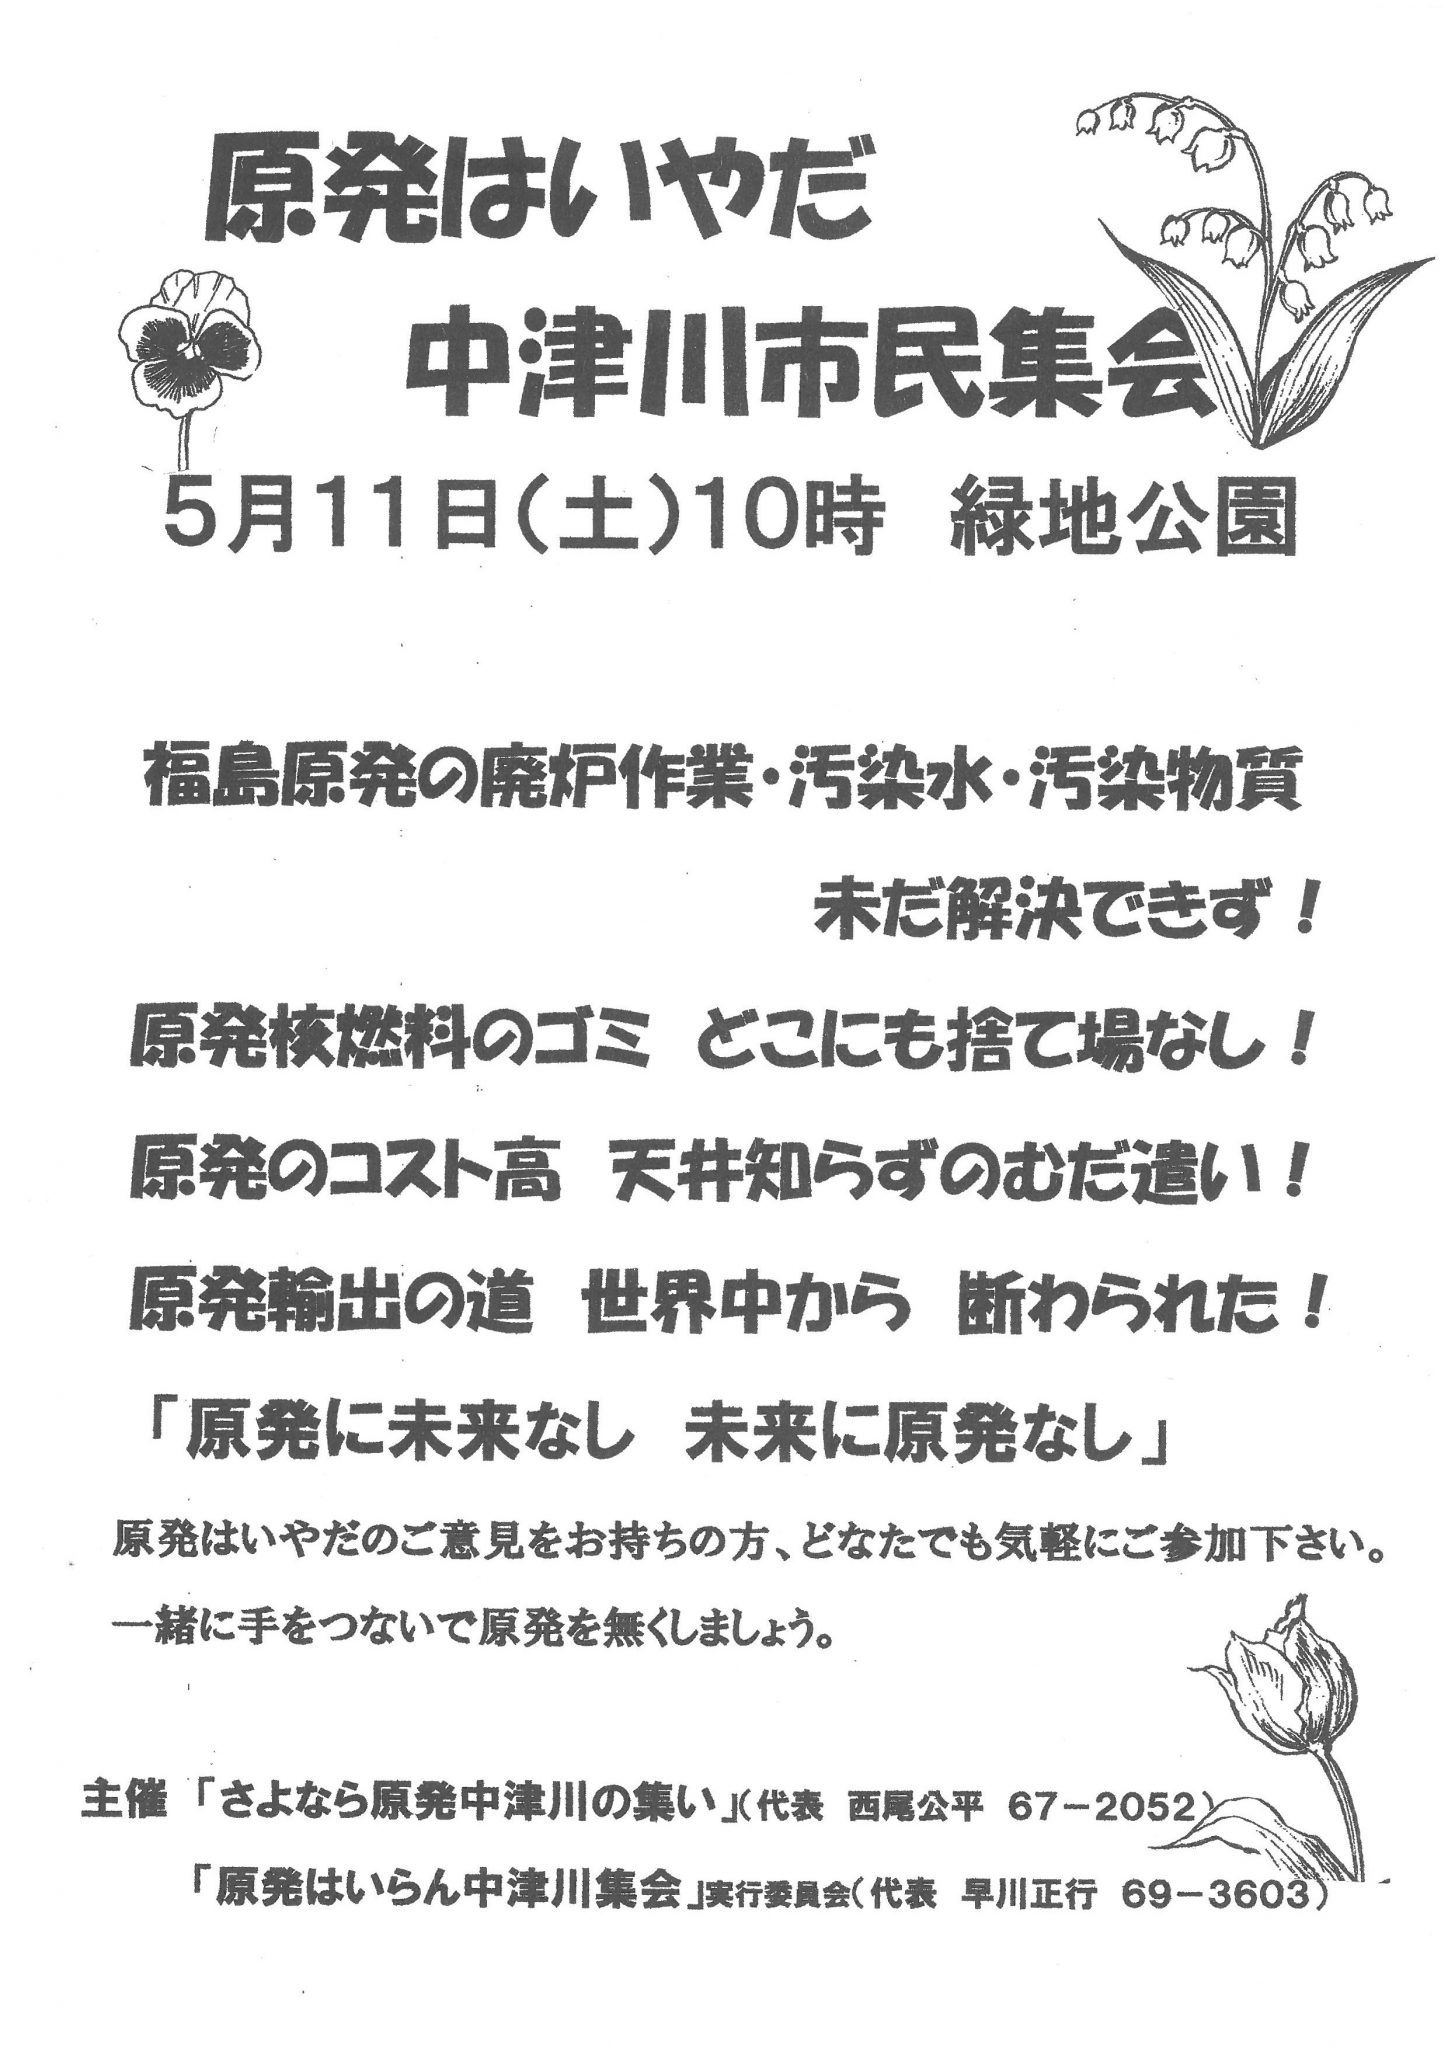 「原発はいやだ 中津川市民集会」の開催のご紹介